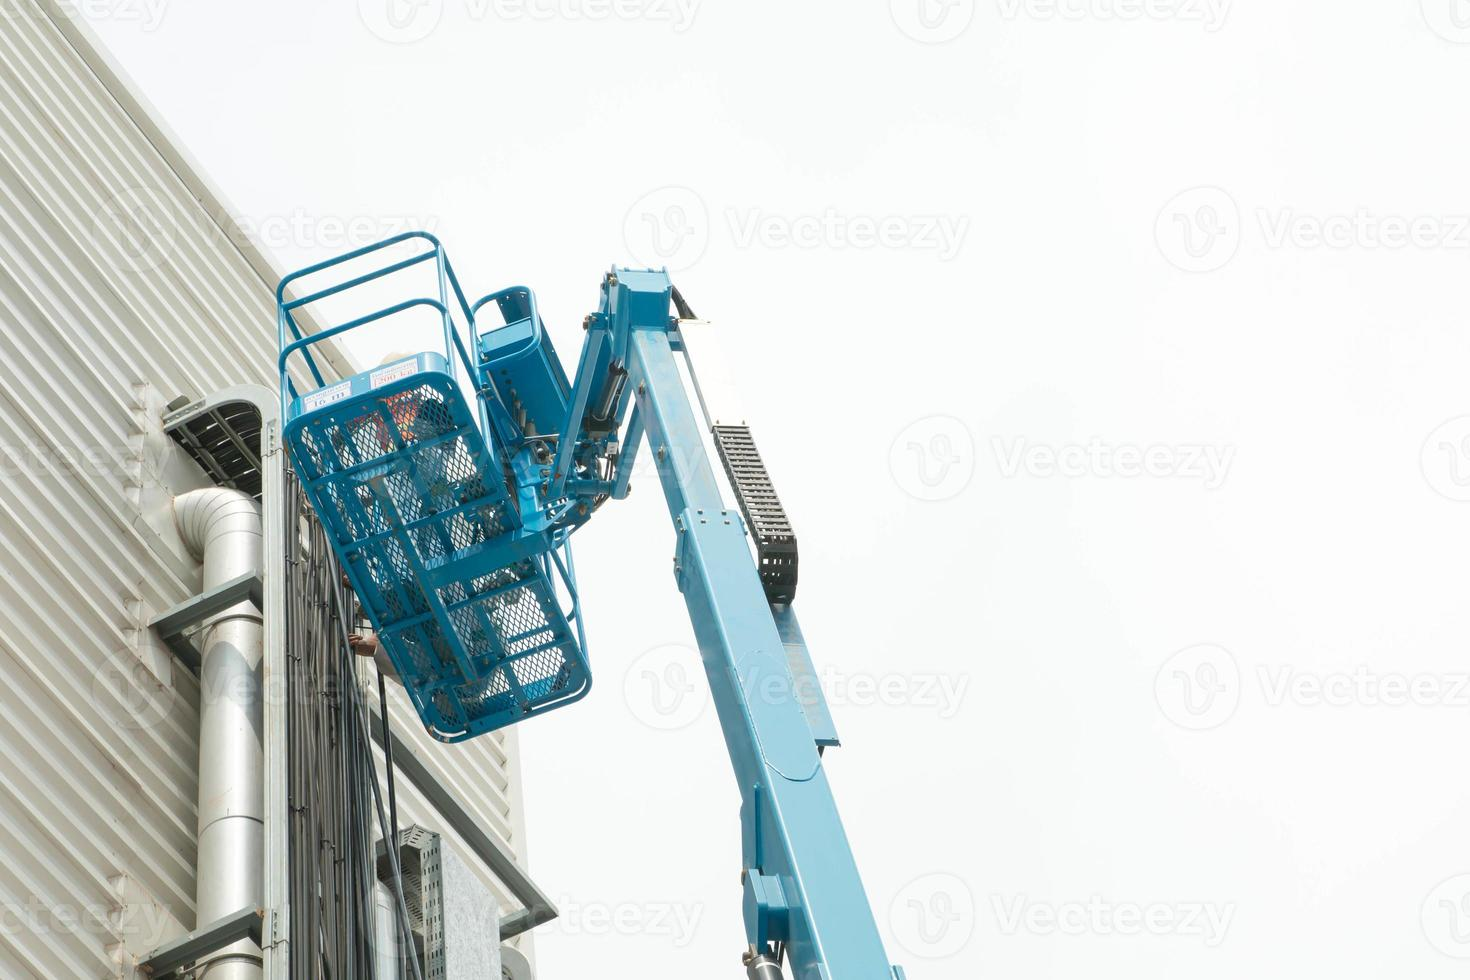 plataforma de construcción móvil hidráulica elevada hacia un azul foto